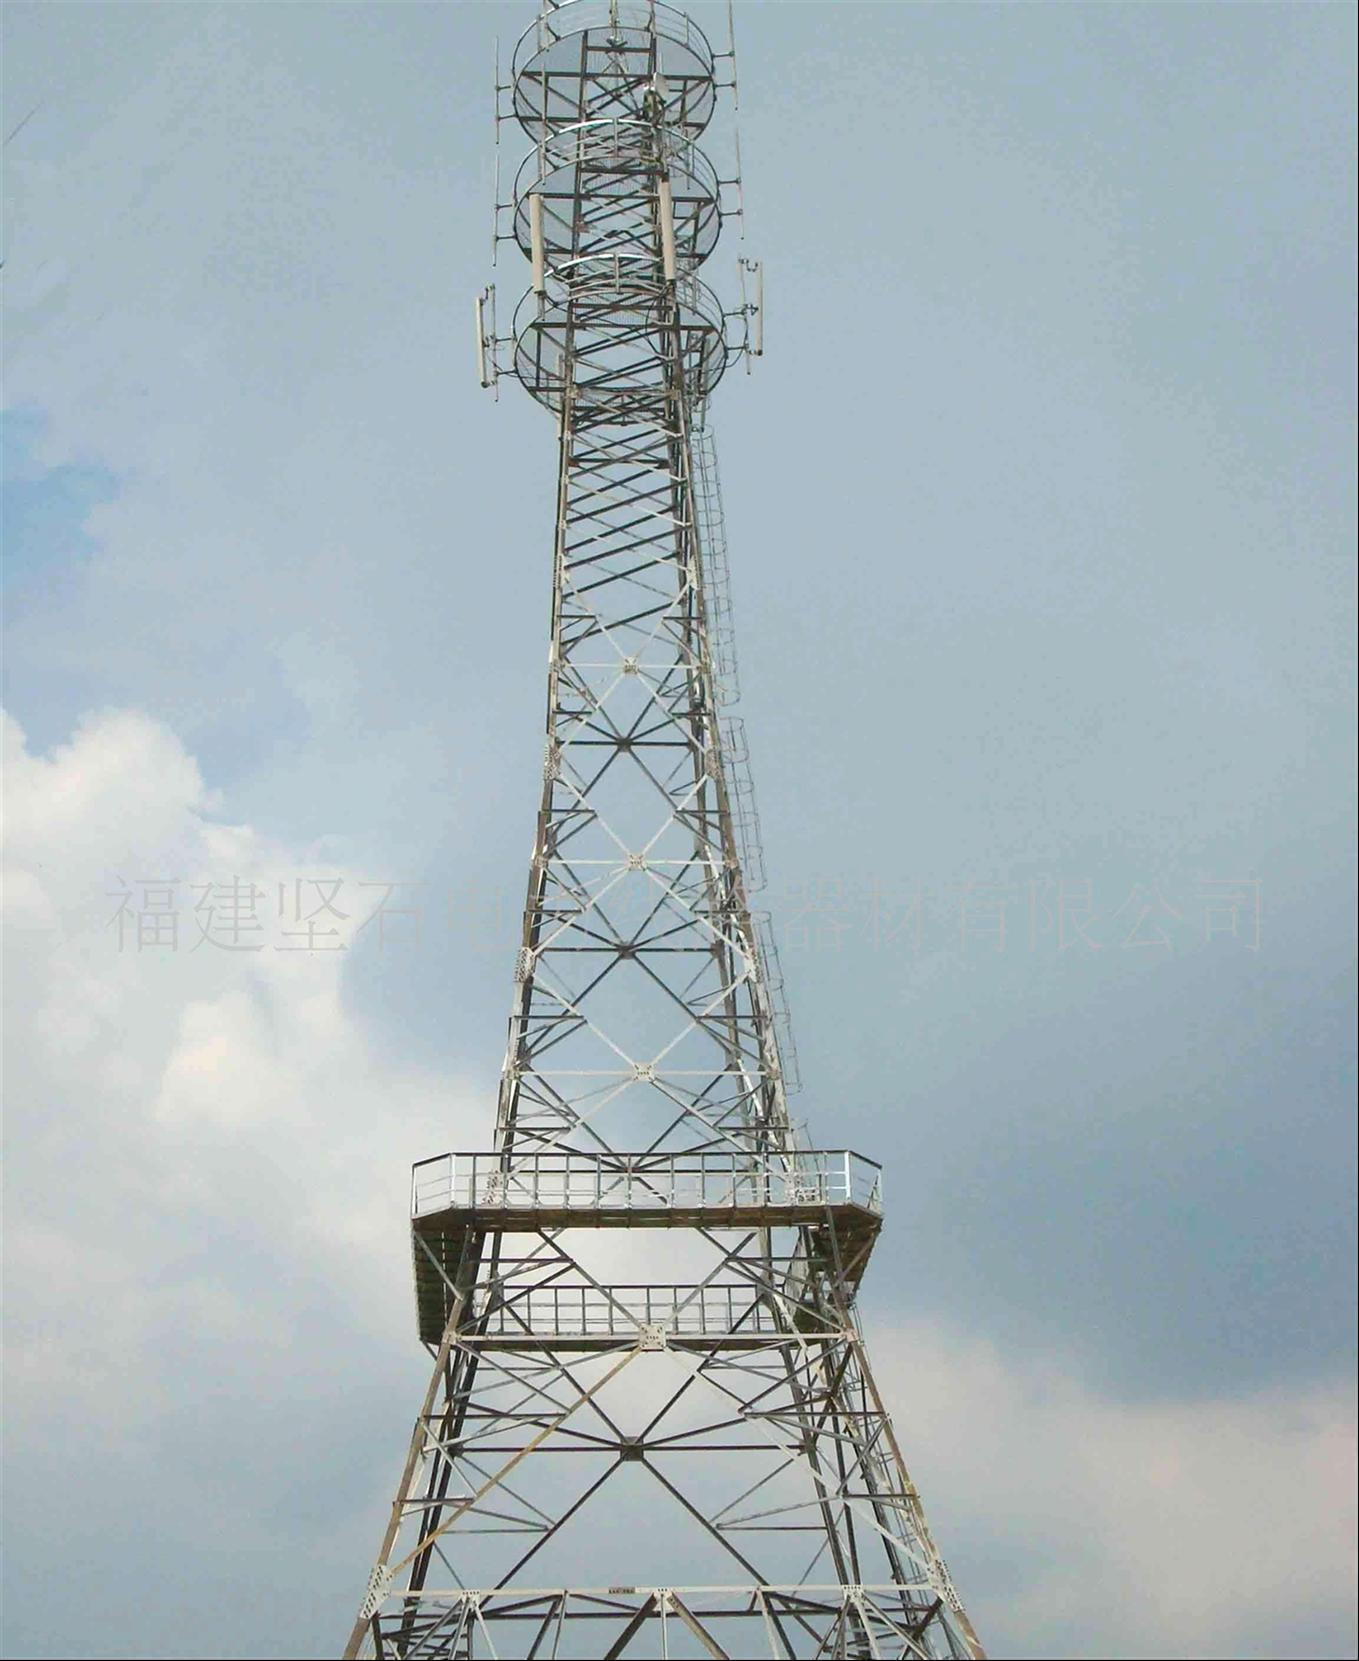 专业通信塔铁塔厂家 安全性稳定